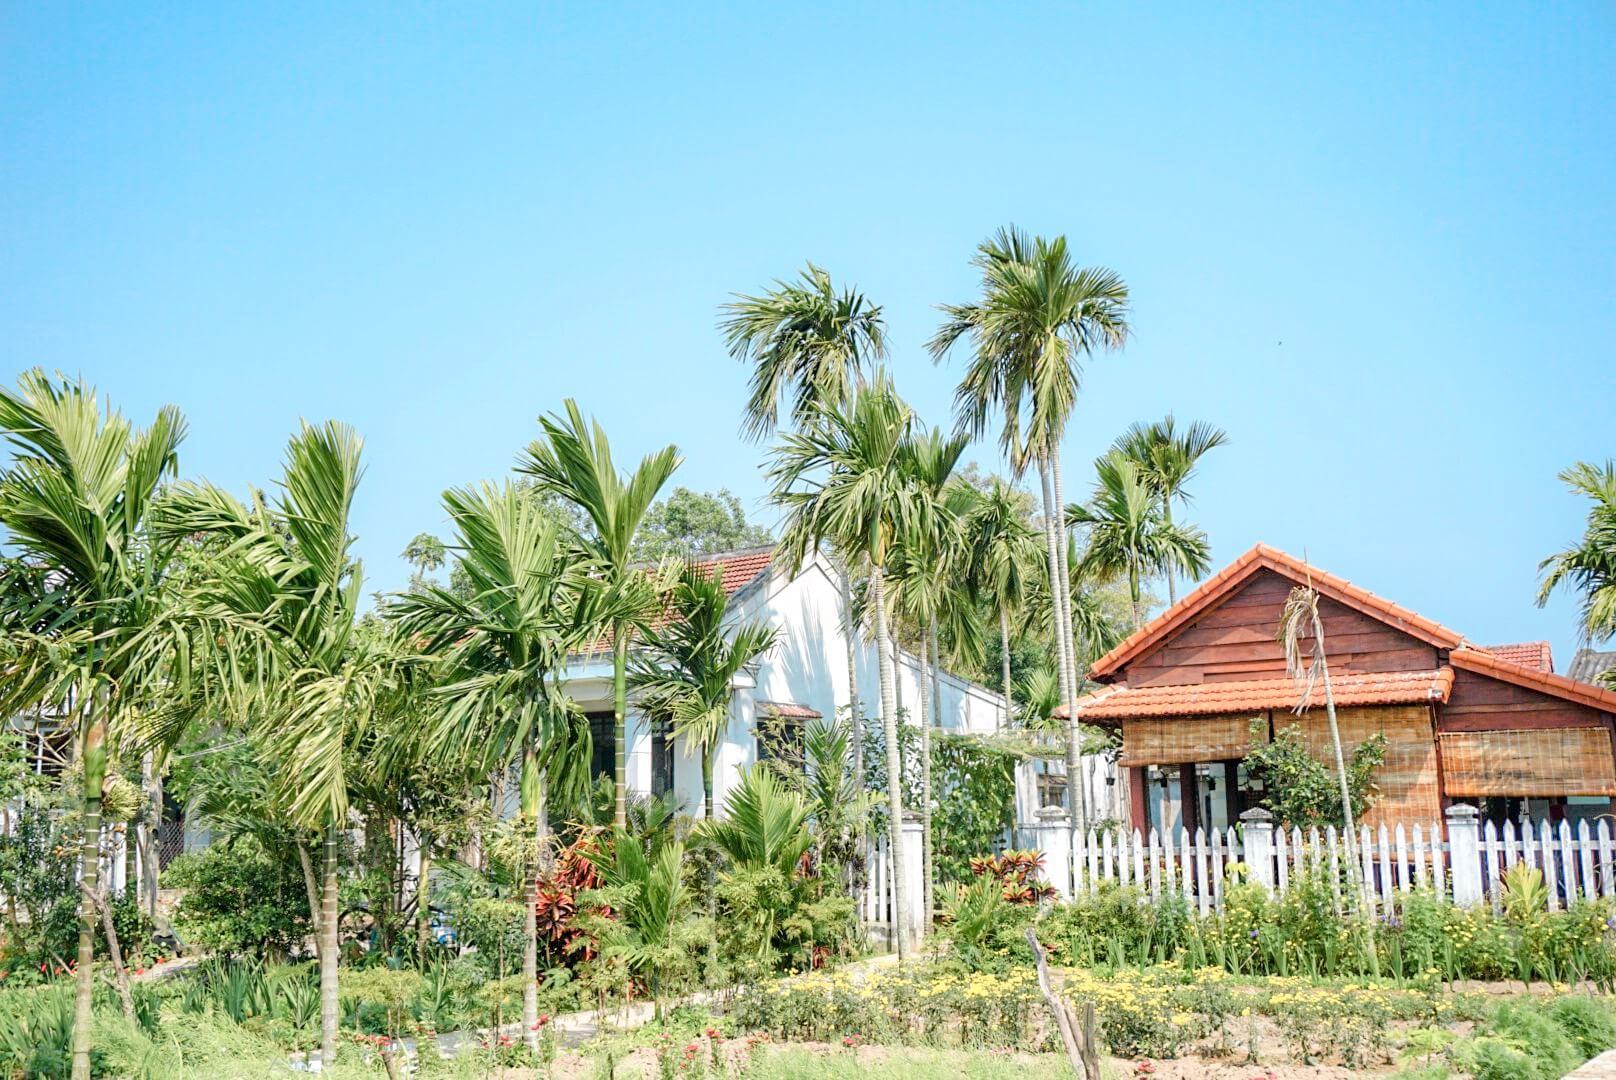 Tra Que Village écologique Hoi An Vietnam